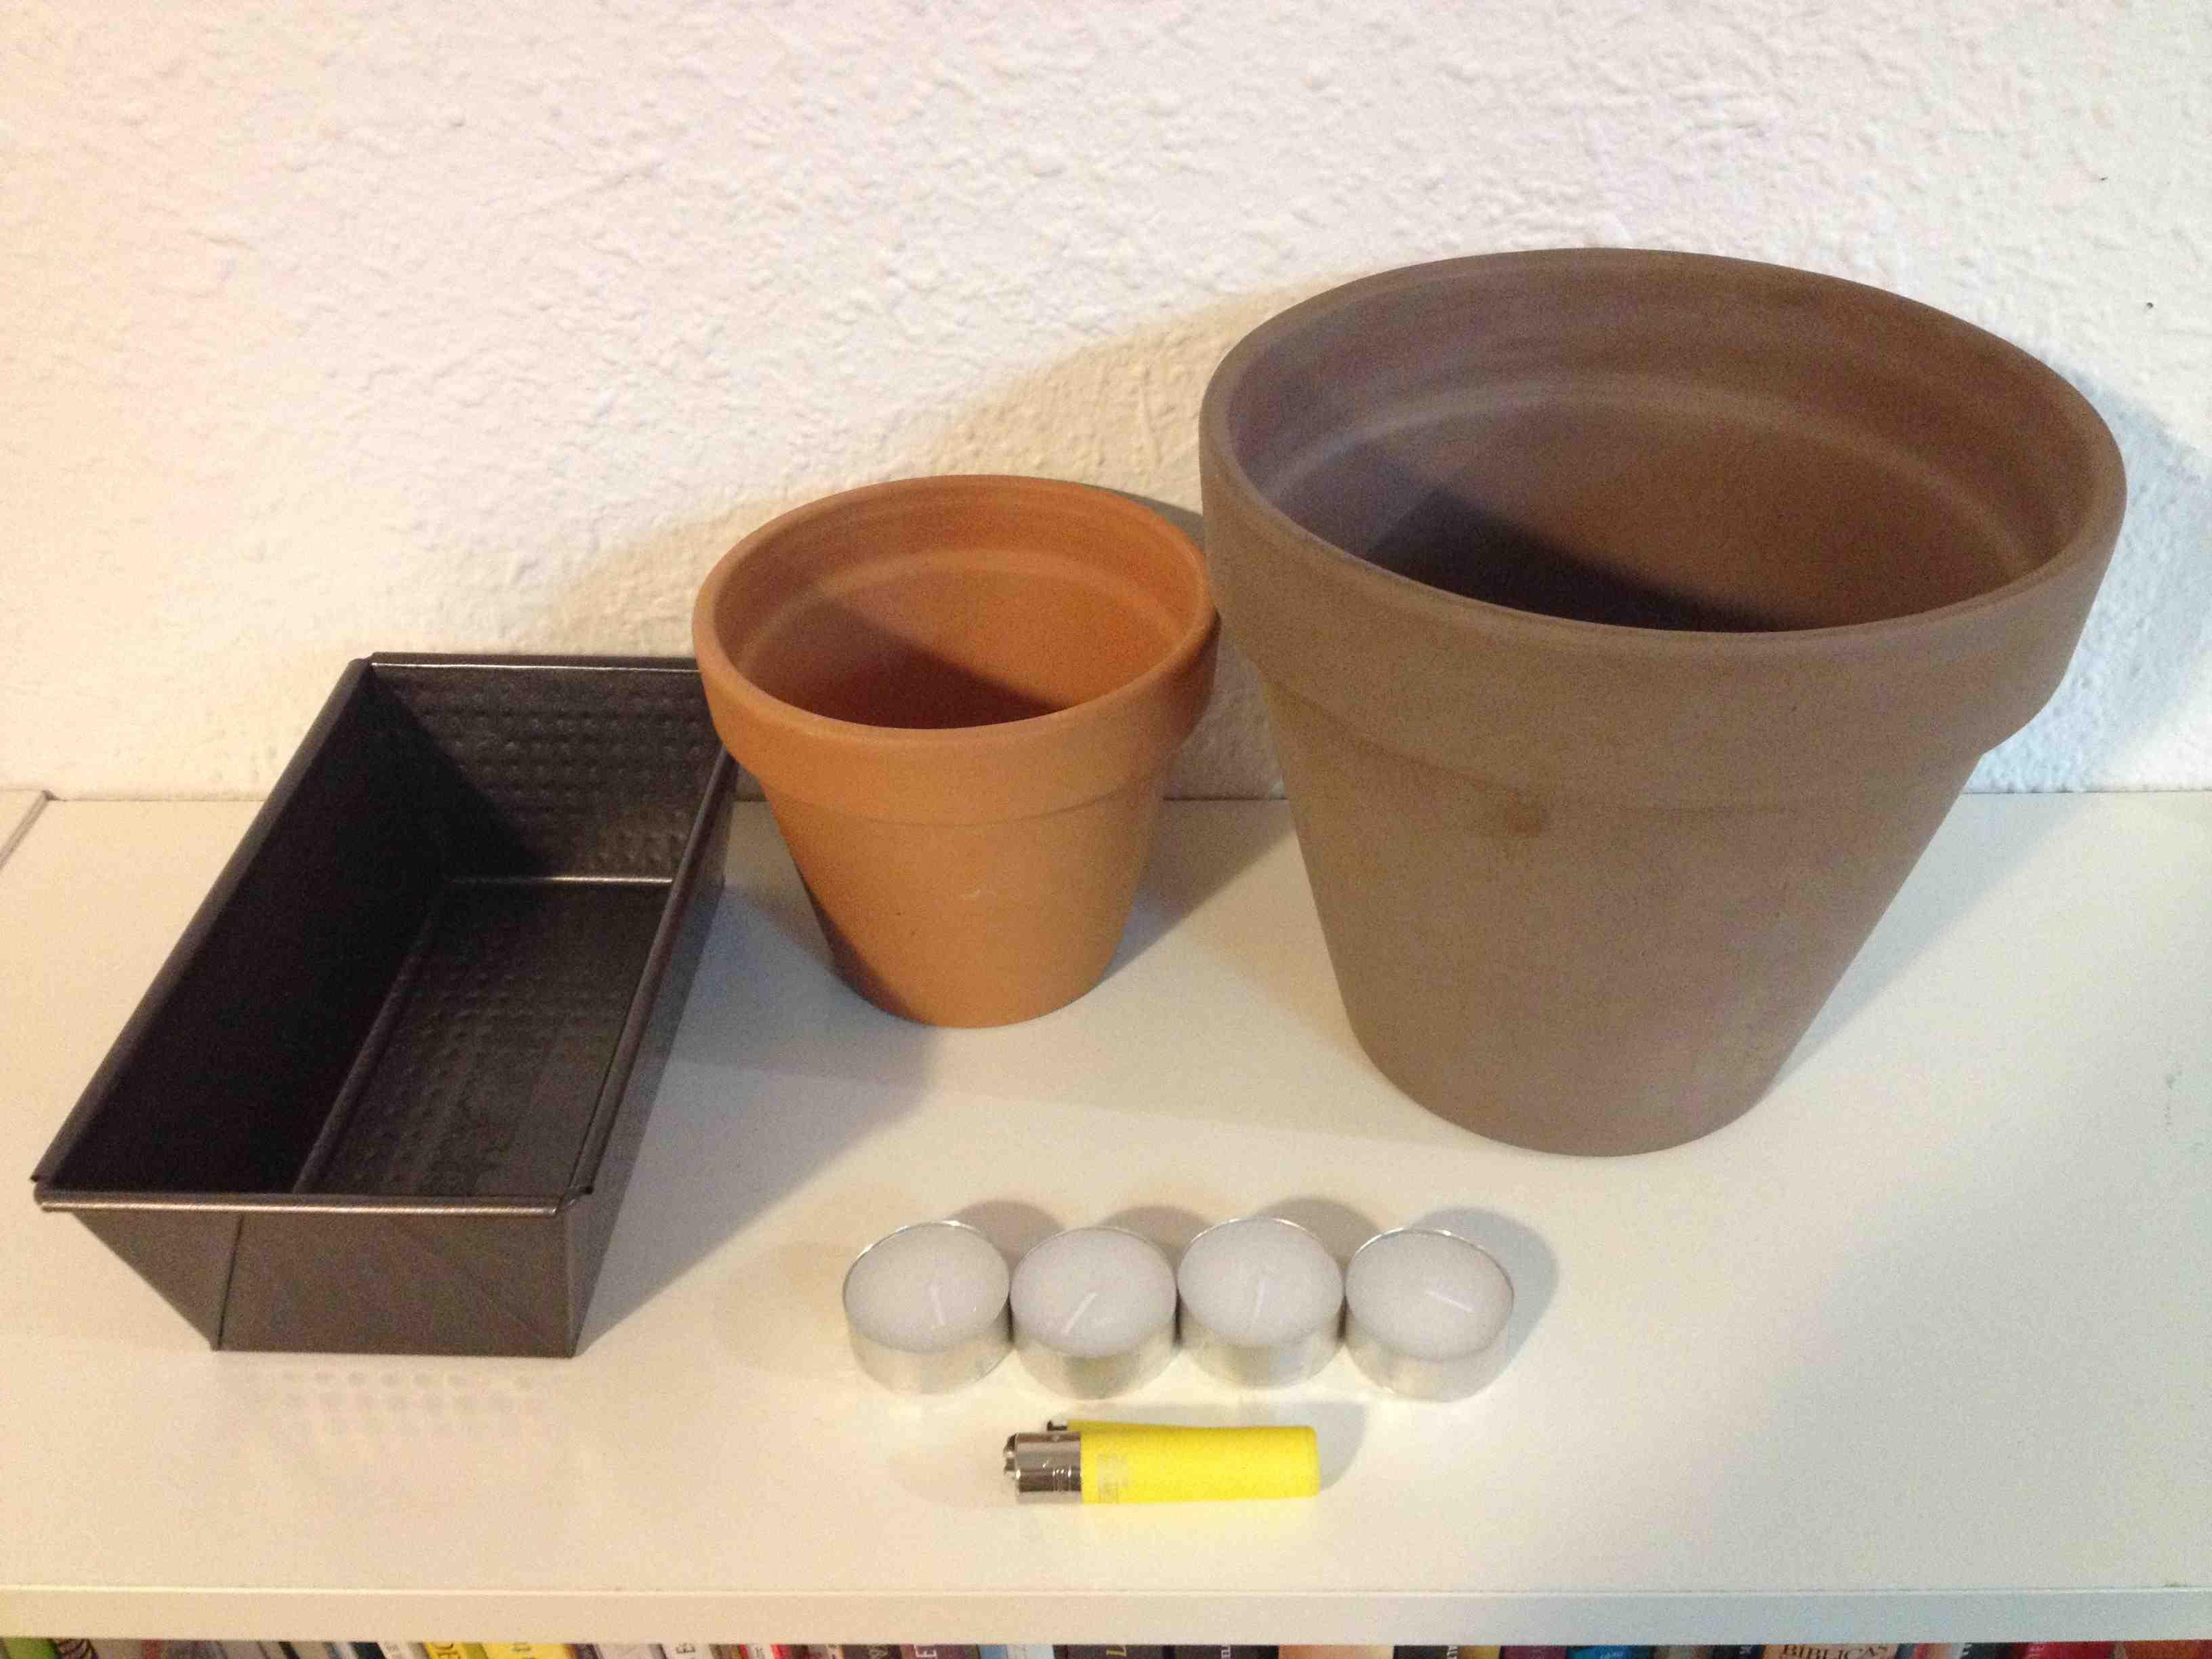 Calentador-casero-materiales-01